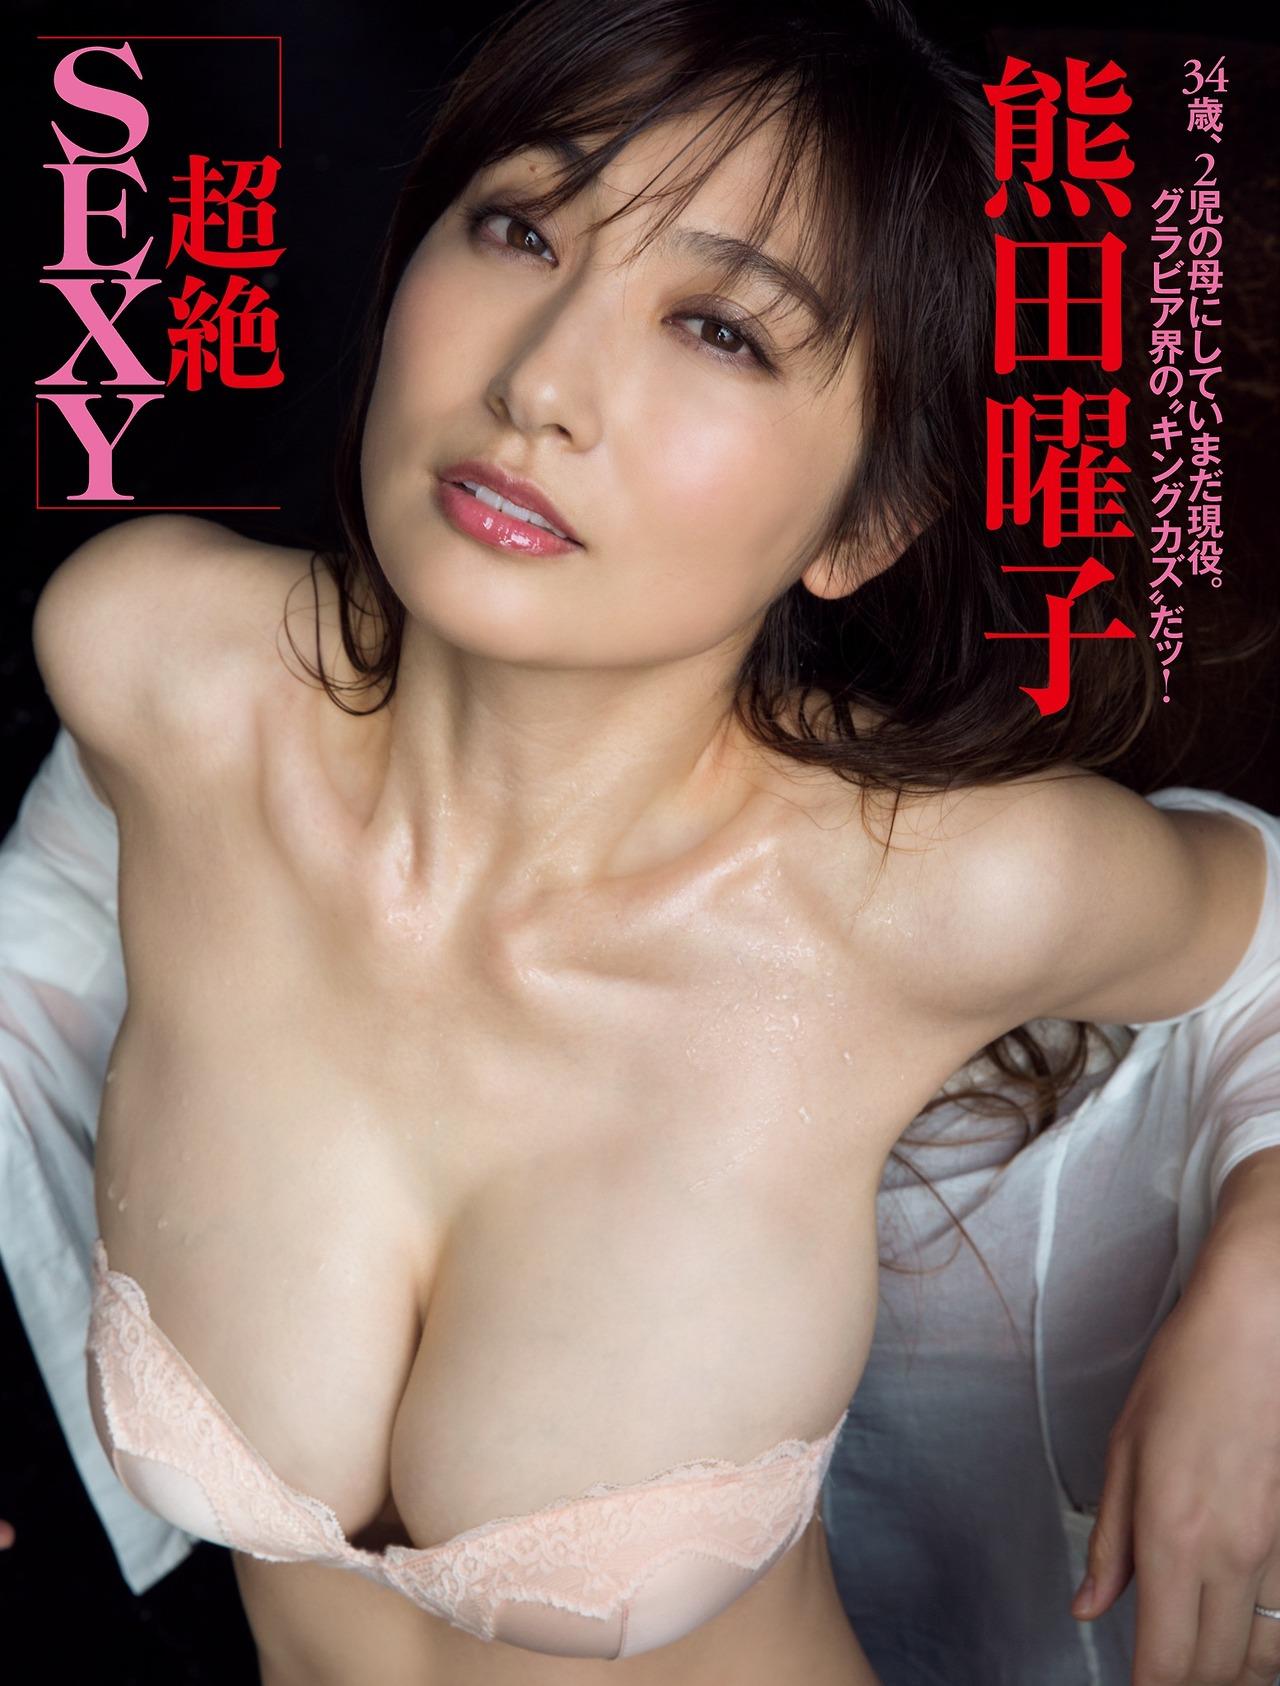 kumada_yoko236.jpg